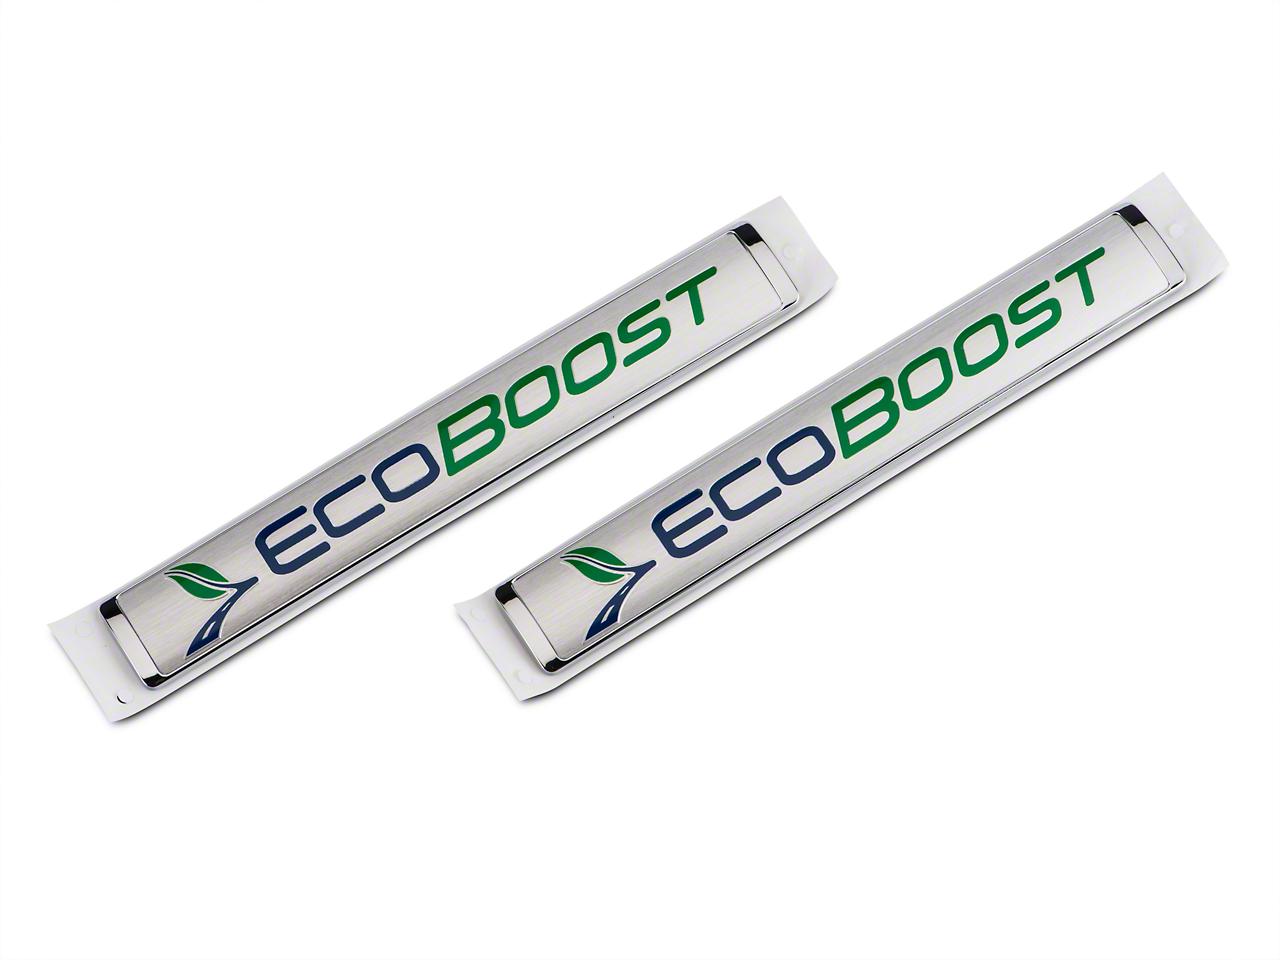 Ford Performance Large Size EcoBoost Emblem - Silver (11-18 2.7L/3.5L EcoBoost F-150)